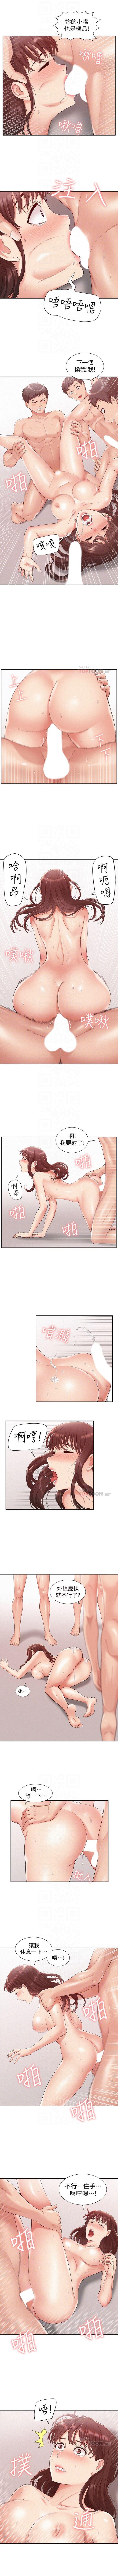 (周4)难言之隐 1-19 中文翻译(更新中) 66